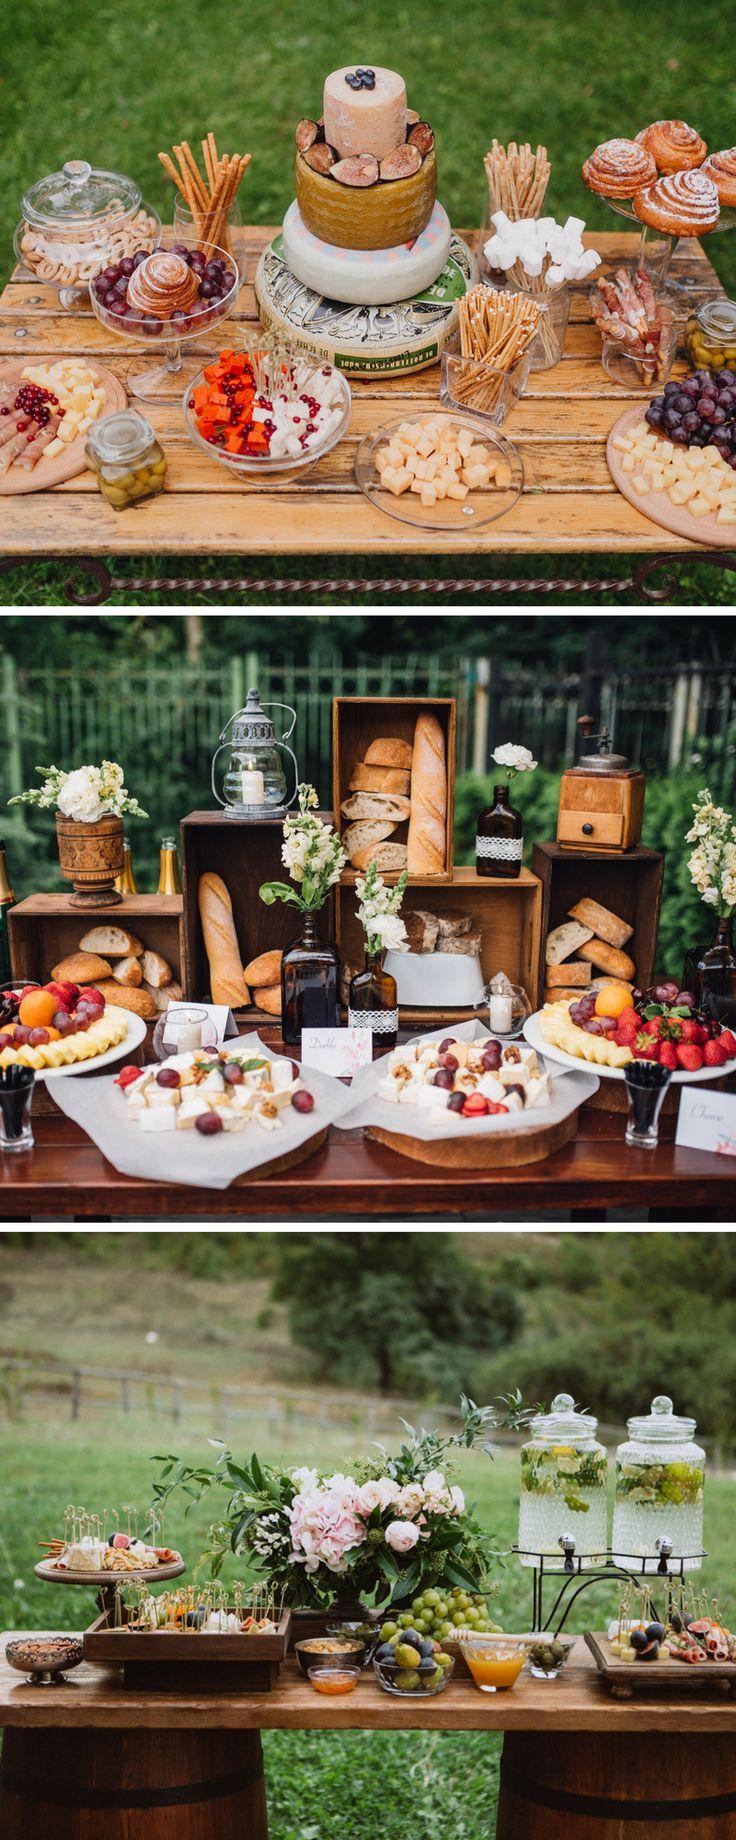 Candy Bar, Salty Bar, Prosecco Bar, Gin Bar, Popcorn Bar, Käse Bar, und, und, und… Auf Hochzeiten ist es mittlerweile üblich, eine besondere Hochzeitsbar zur Verfügung zu stellen. Wir haben 50 tolle Ideen für Euch zusammengetragen.